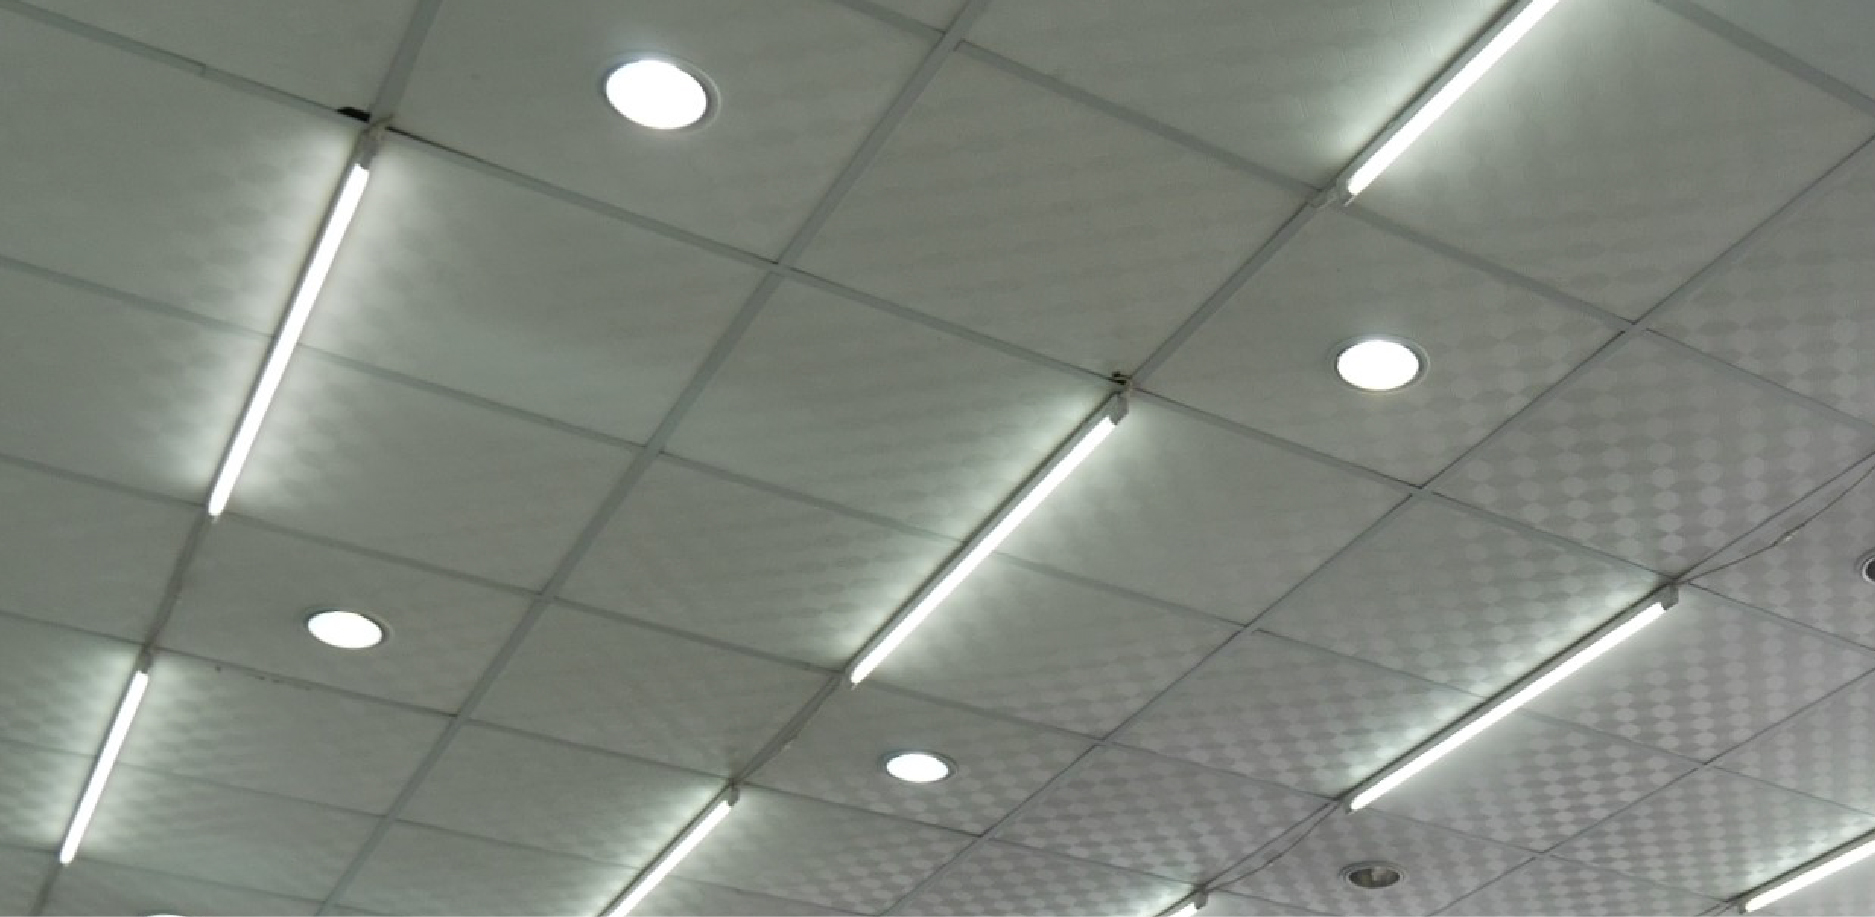 高雄,防火隔間,天花板,輕鋼架